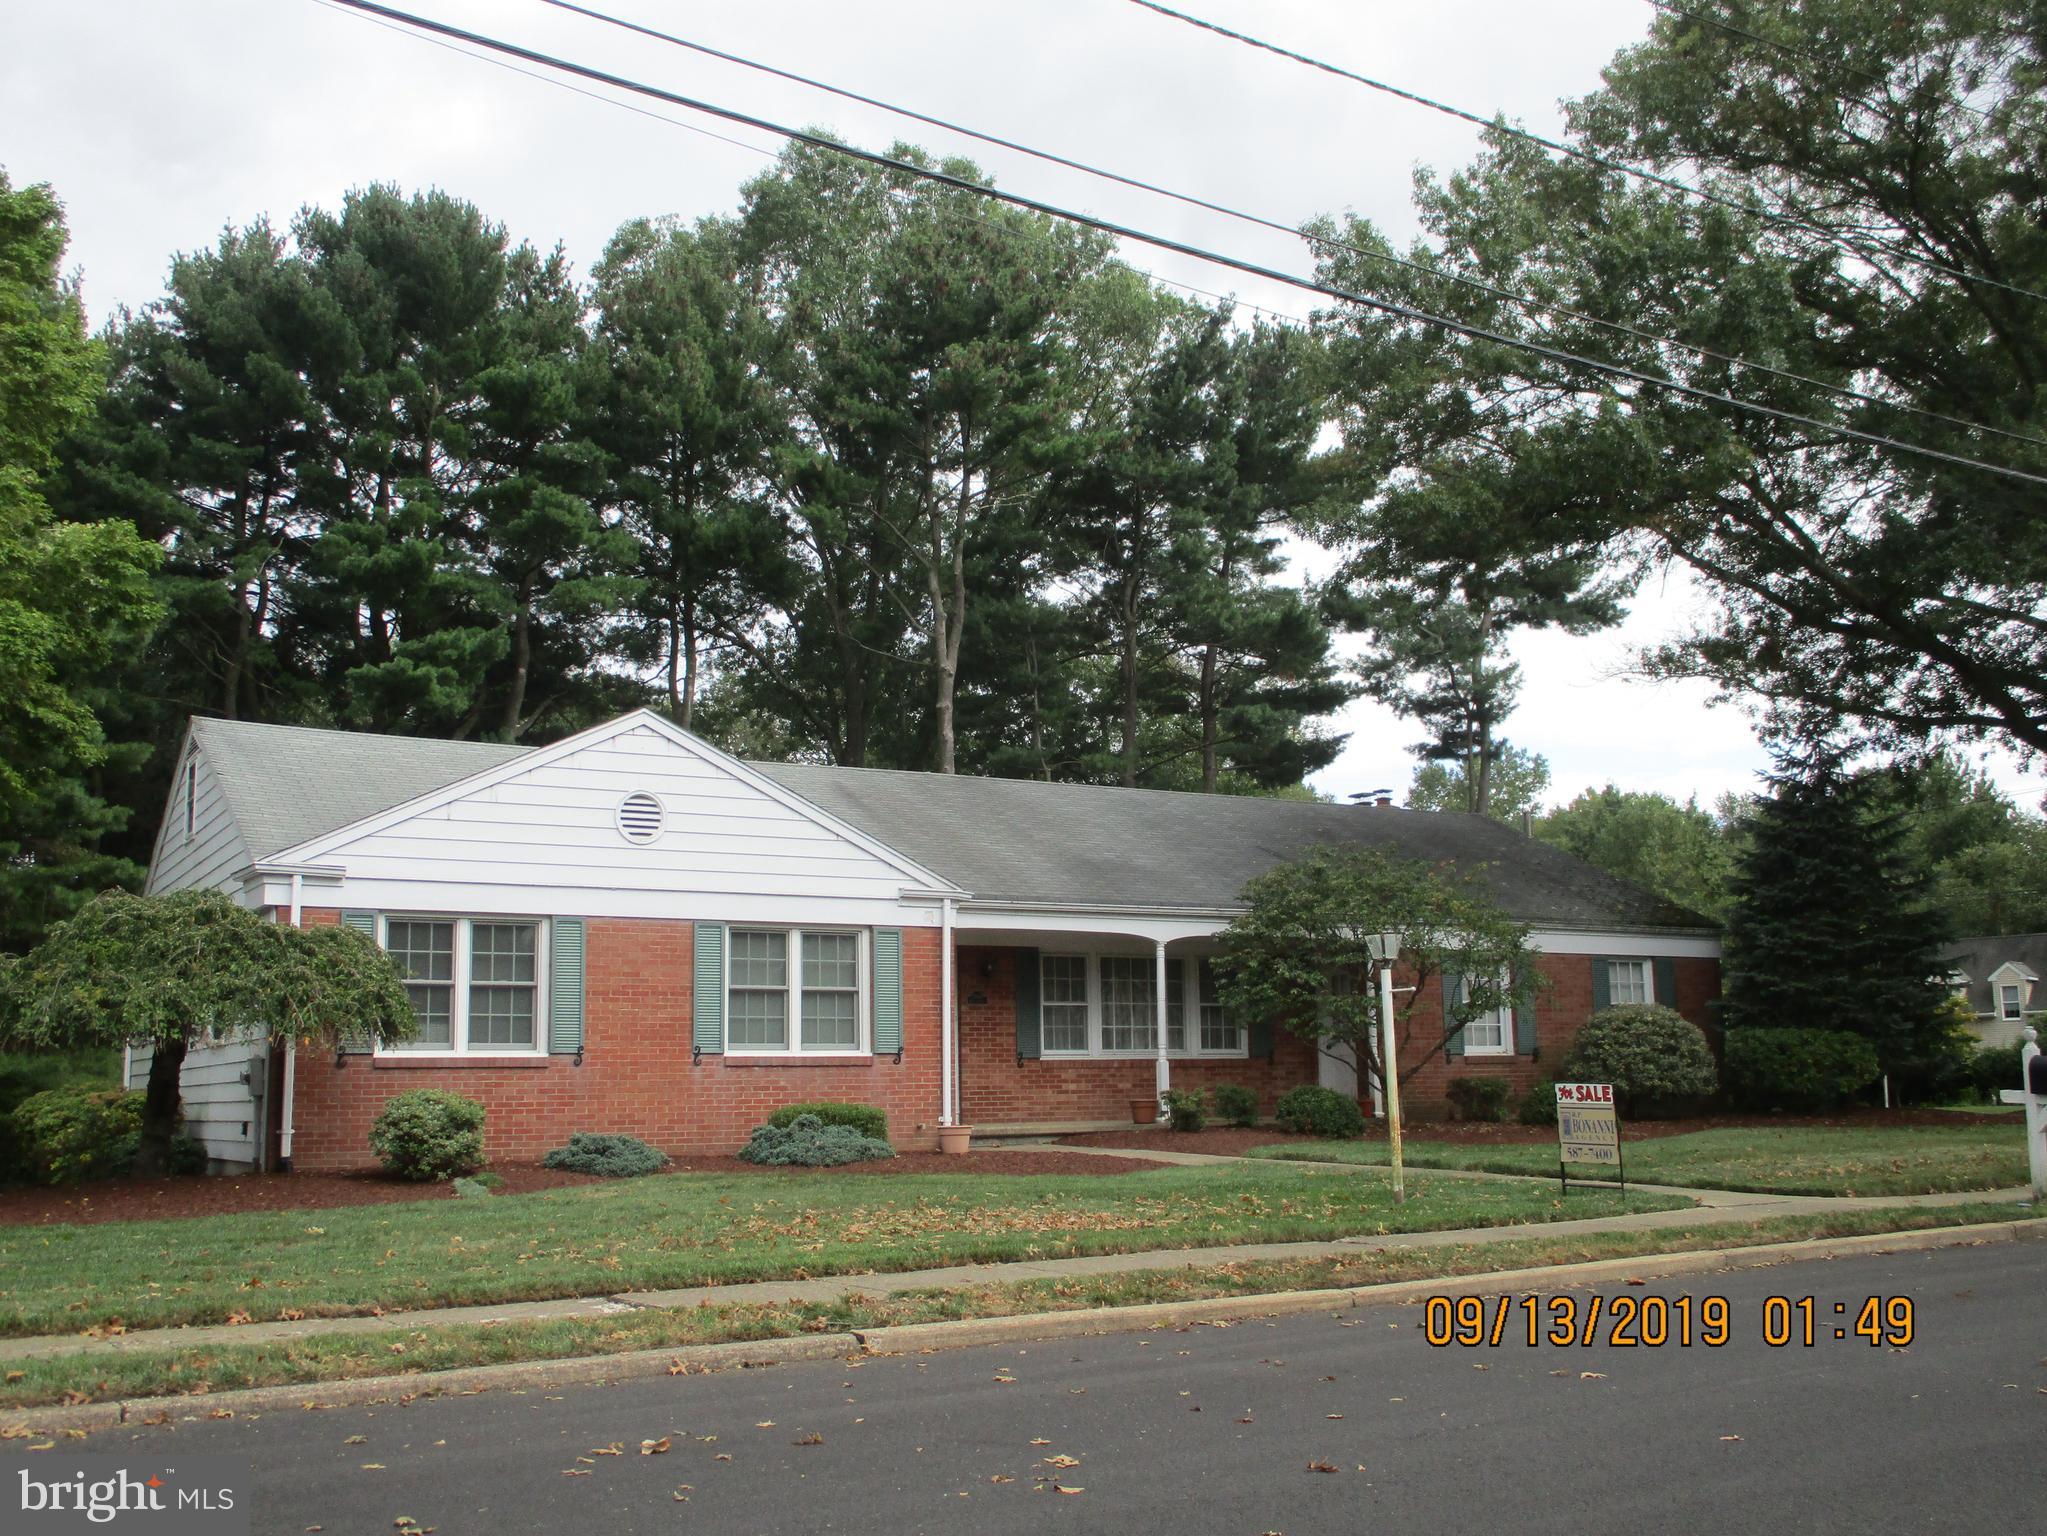 3 W BERNATH DR W, TRENTON, NJ 08690